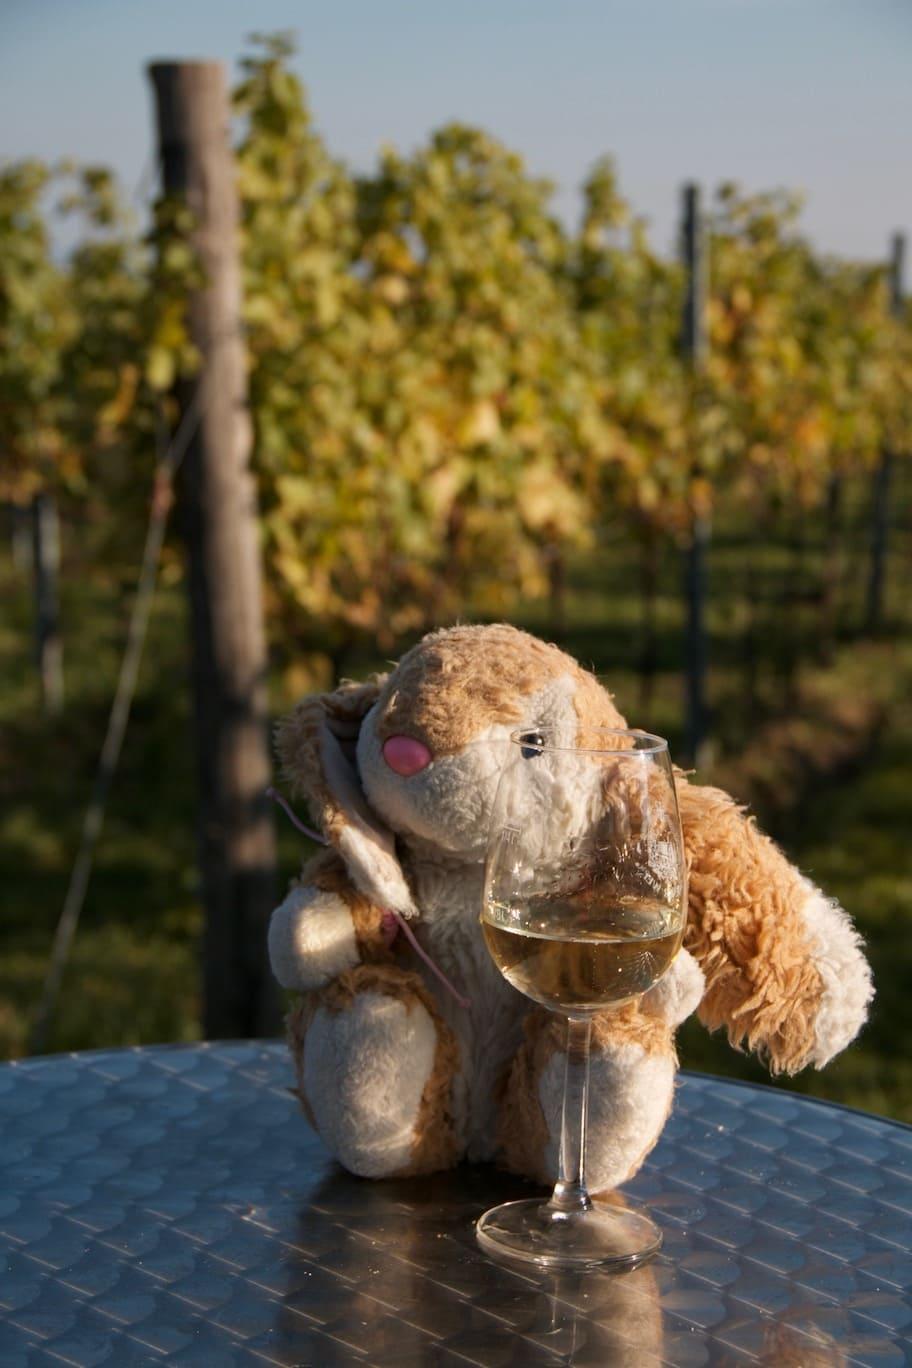 Bunny wine hiking